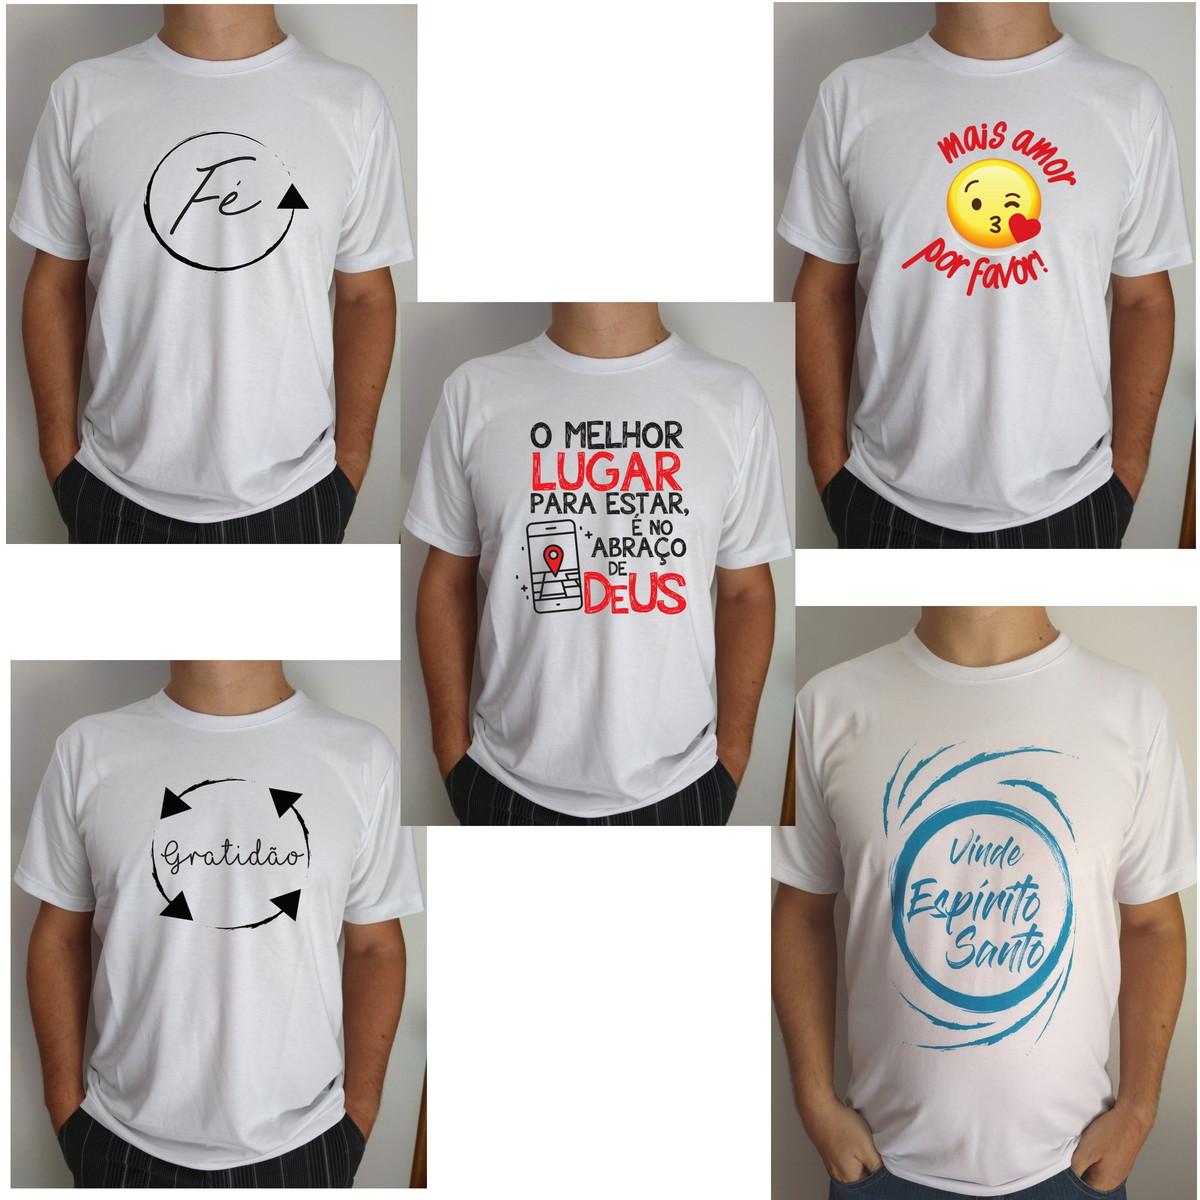 f309eea793 Kit 5 Camisetas Fé Gratidão Amor Gospel Atacado no Elo7